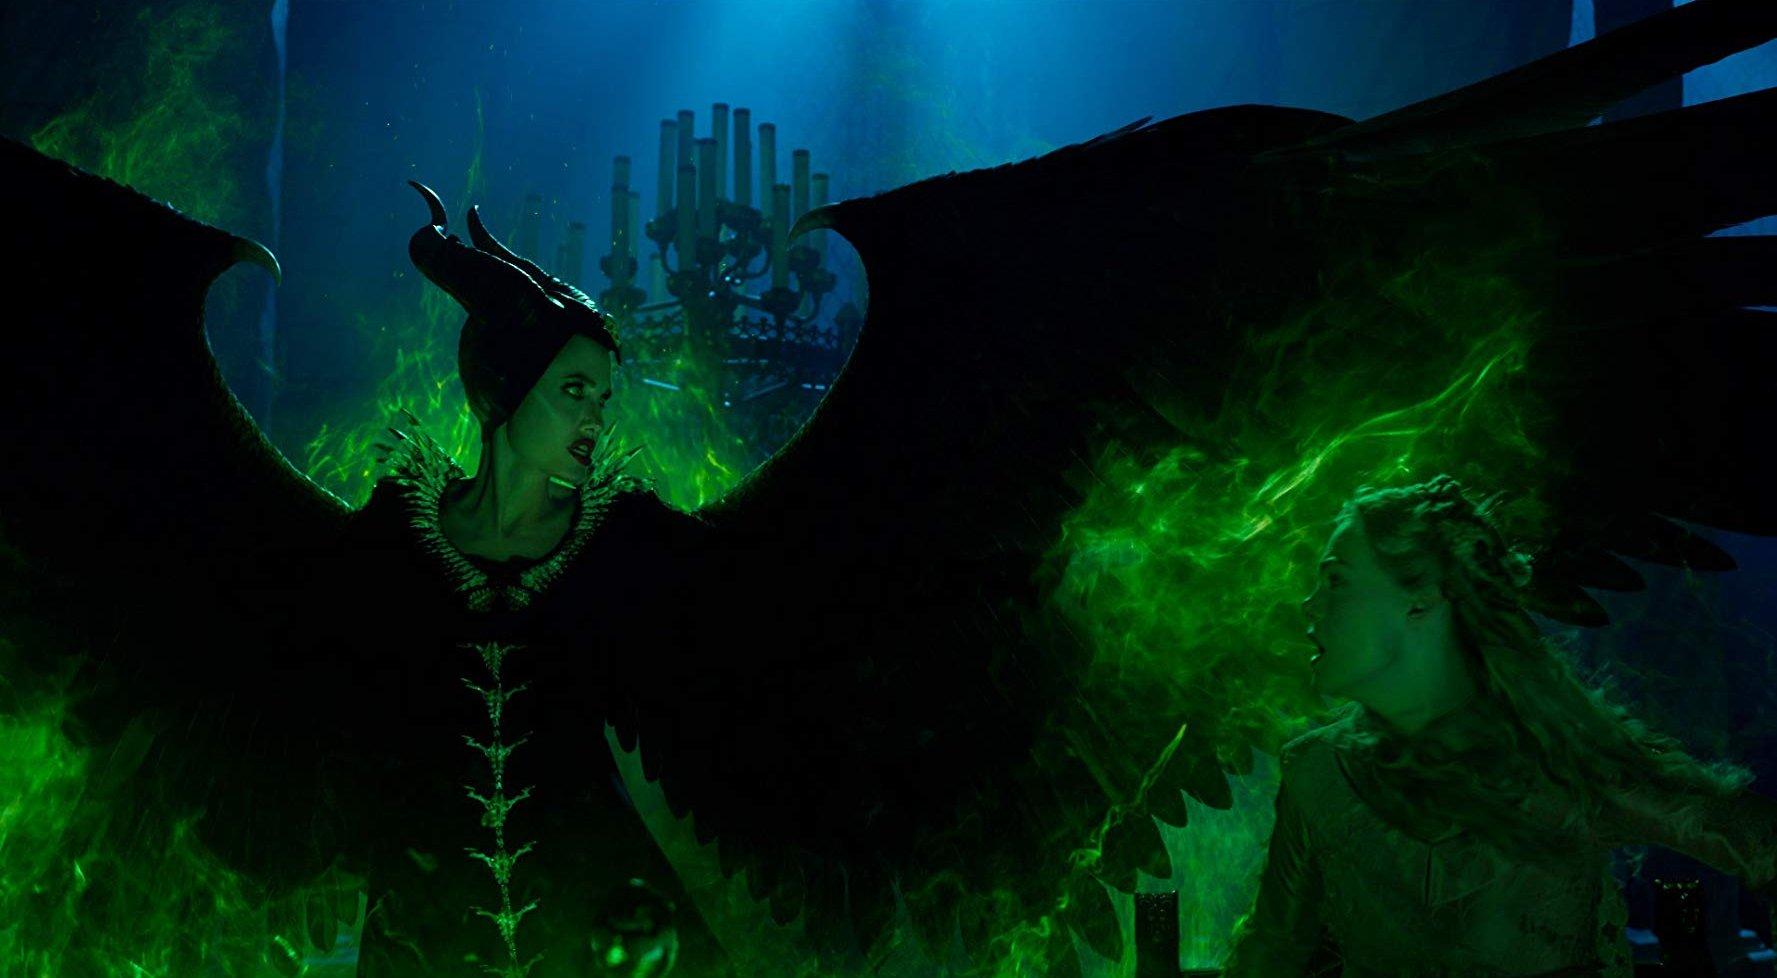 Малефисента: Владычица тьмы, кадр № 2